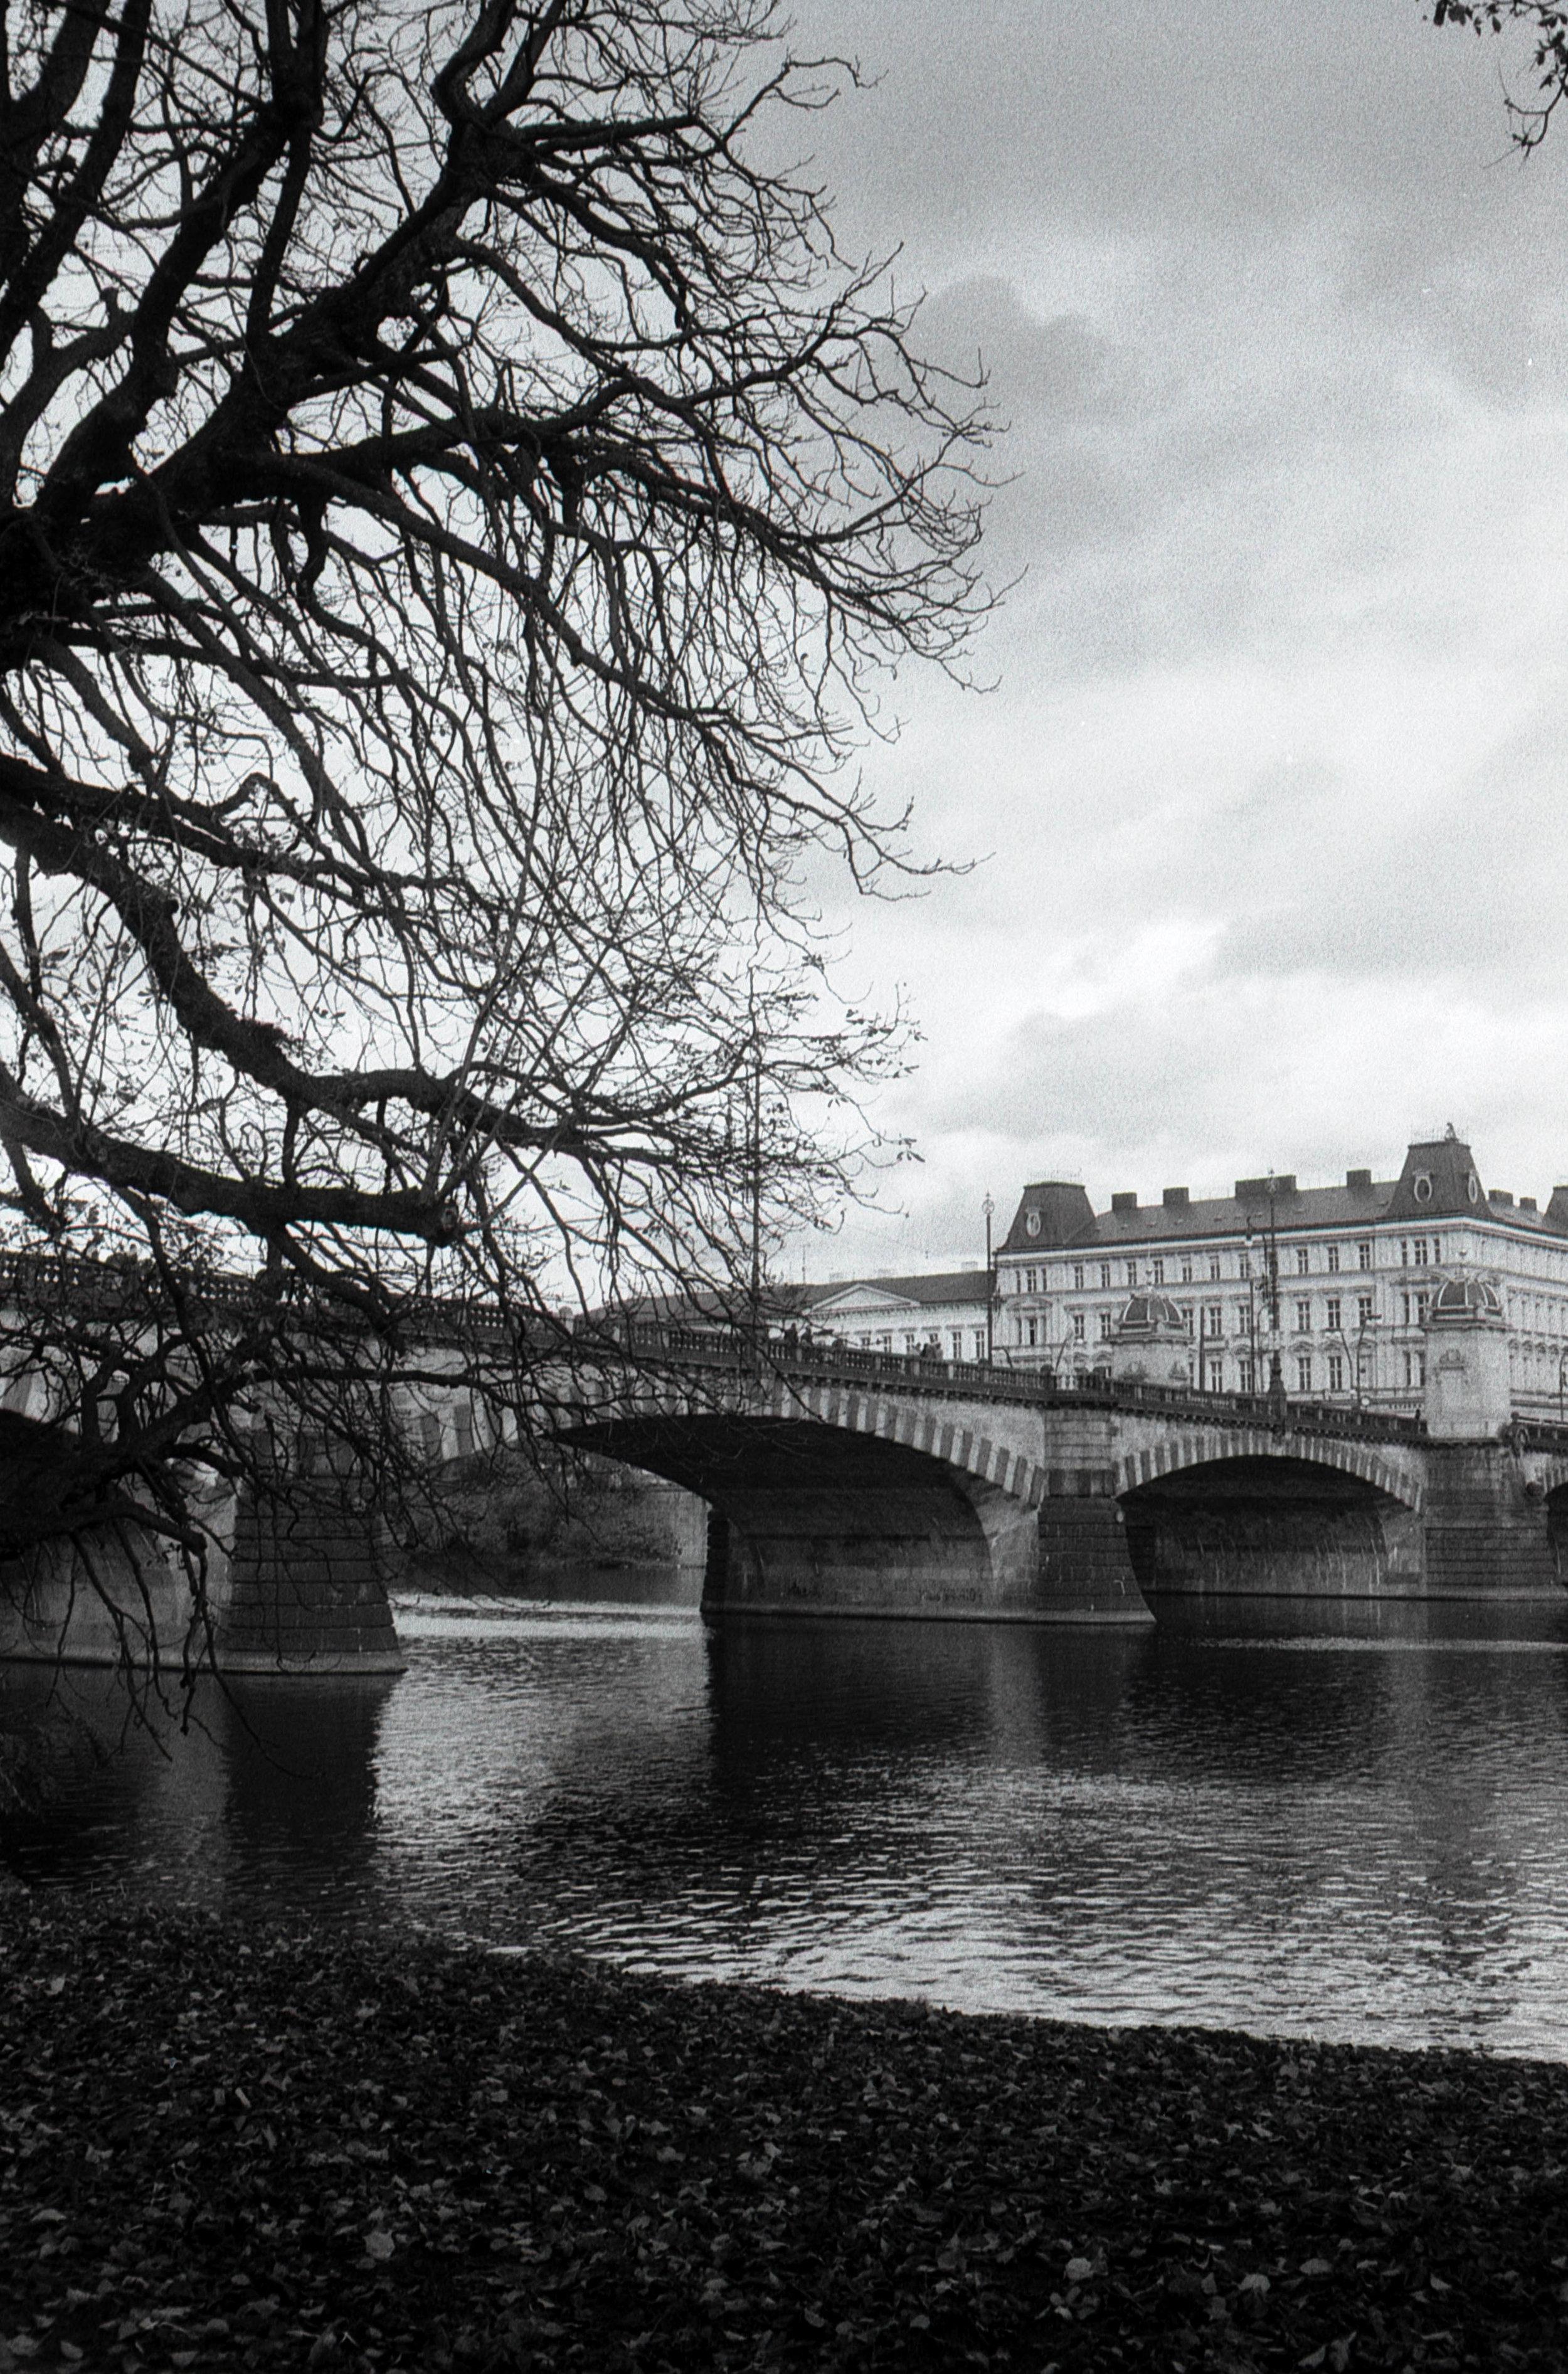 Bridge and tree